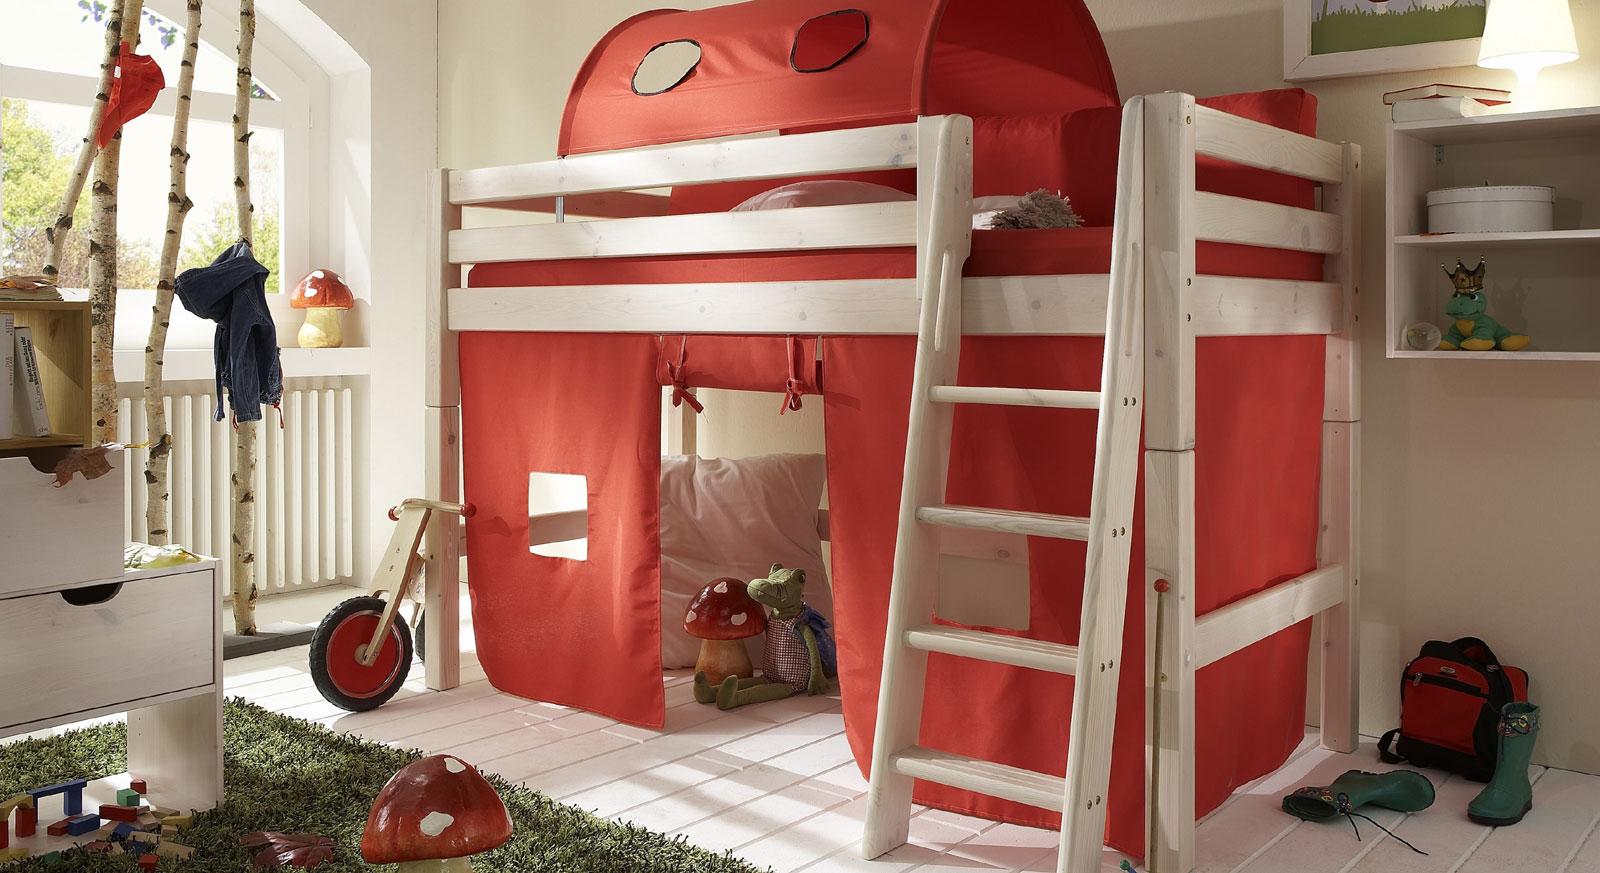 Passende Produkte zum Umbau von Midi-Hochbett Kids Paradise